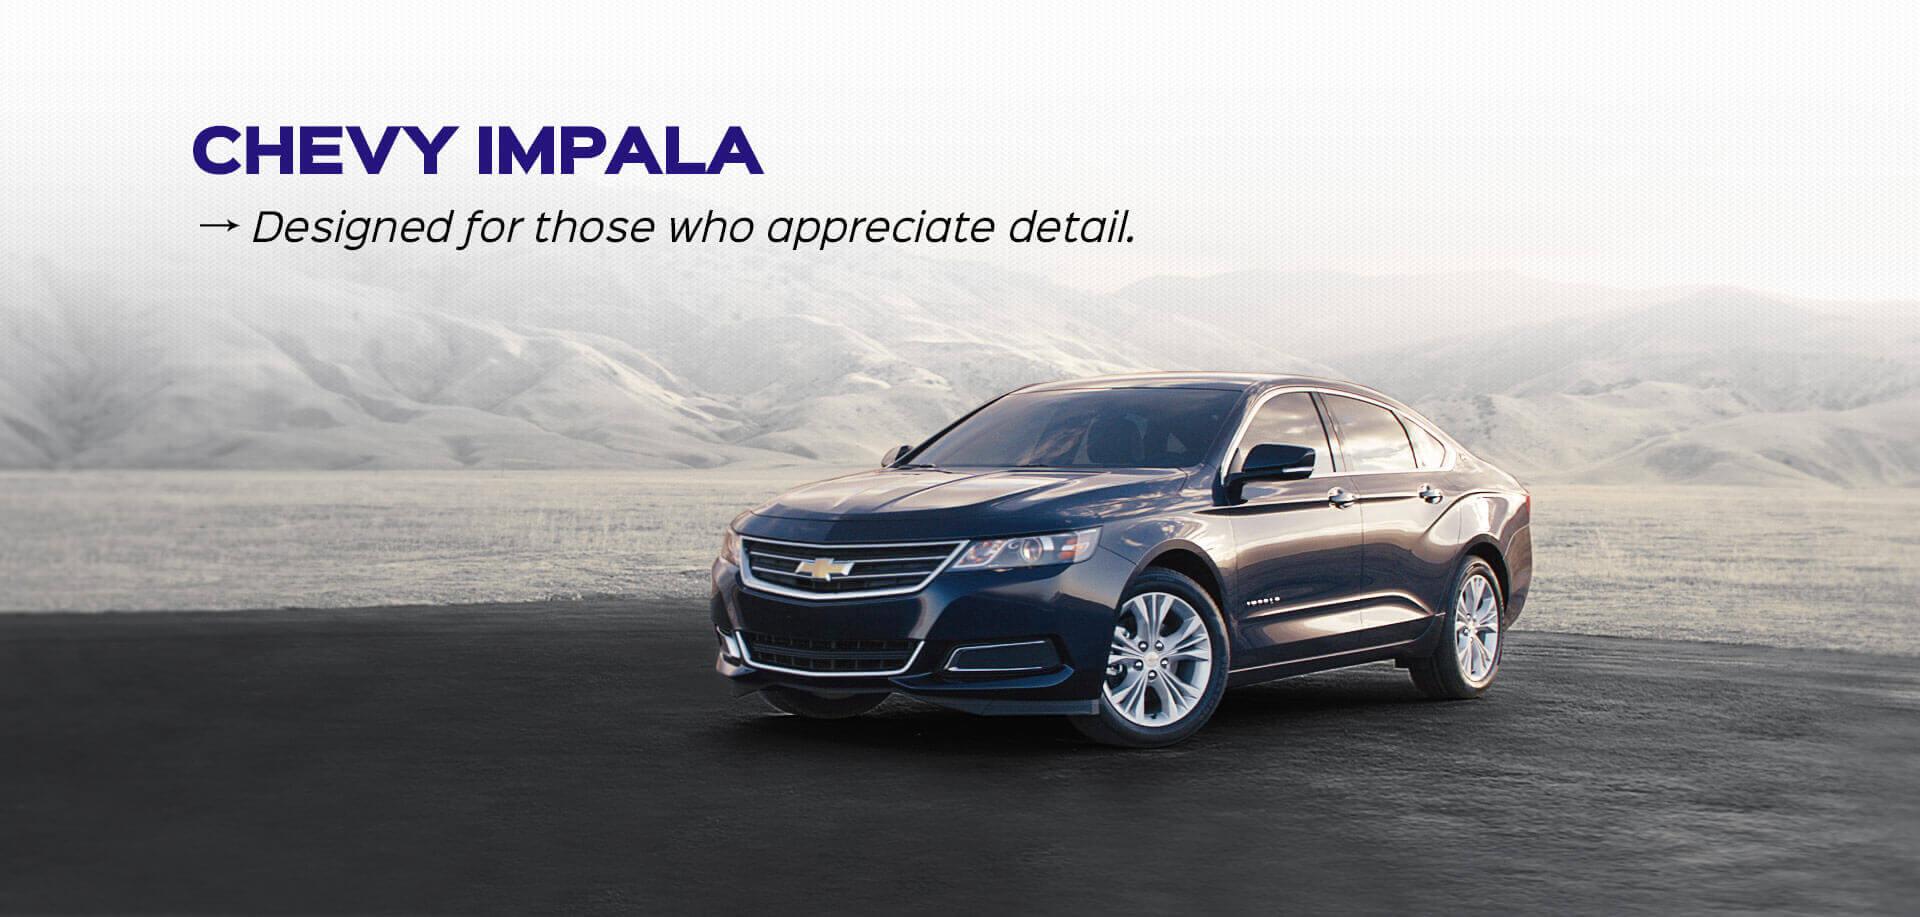 Canned Impala